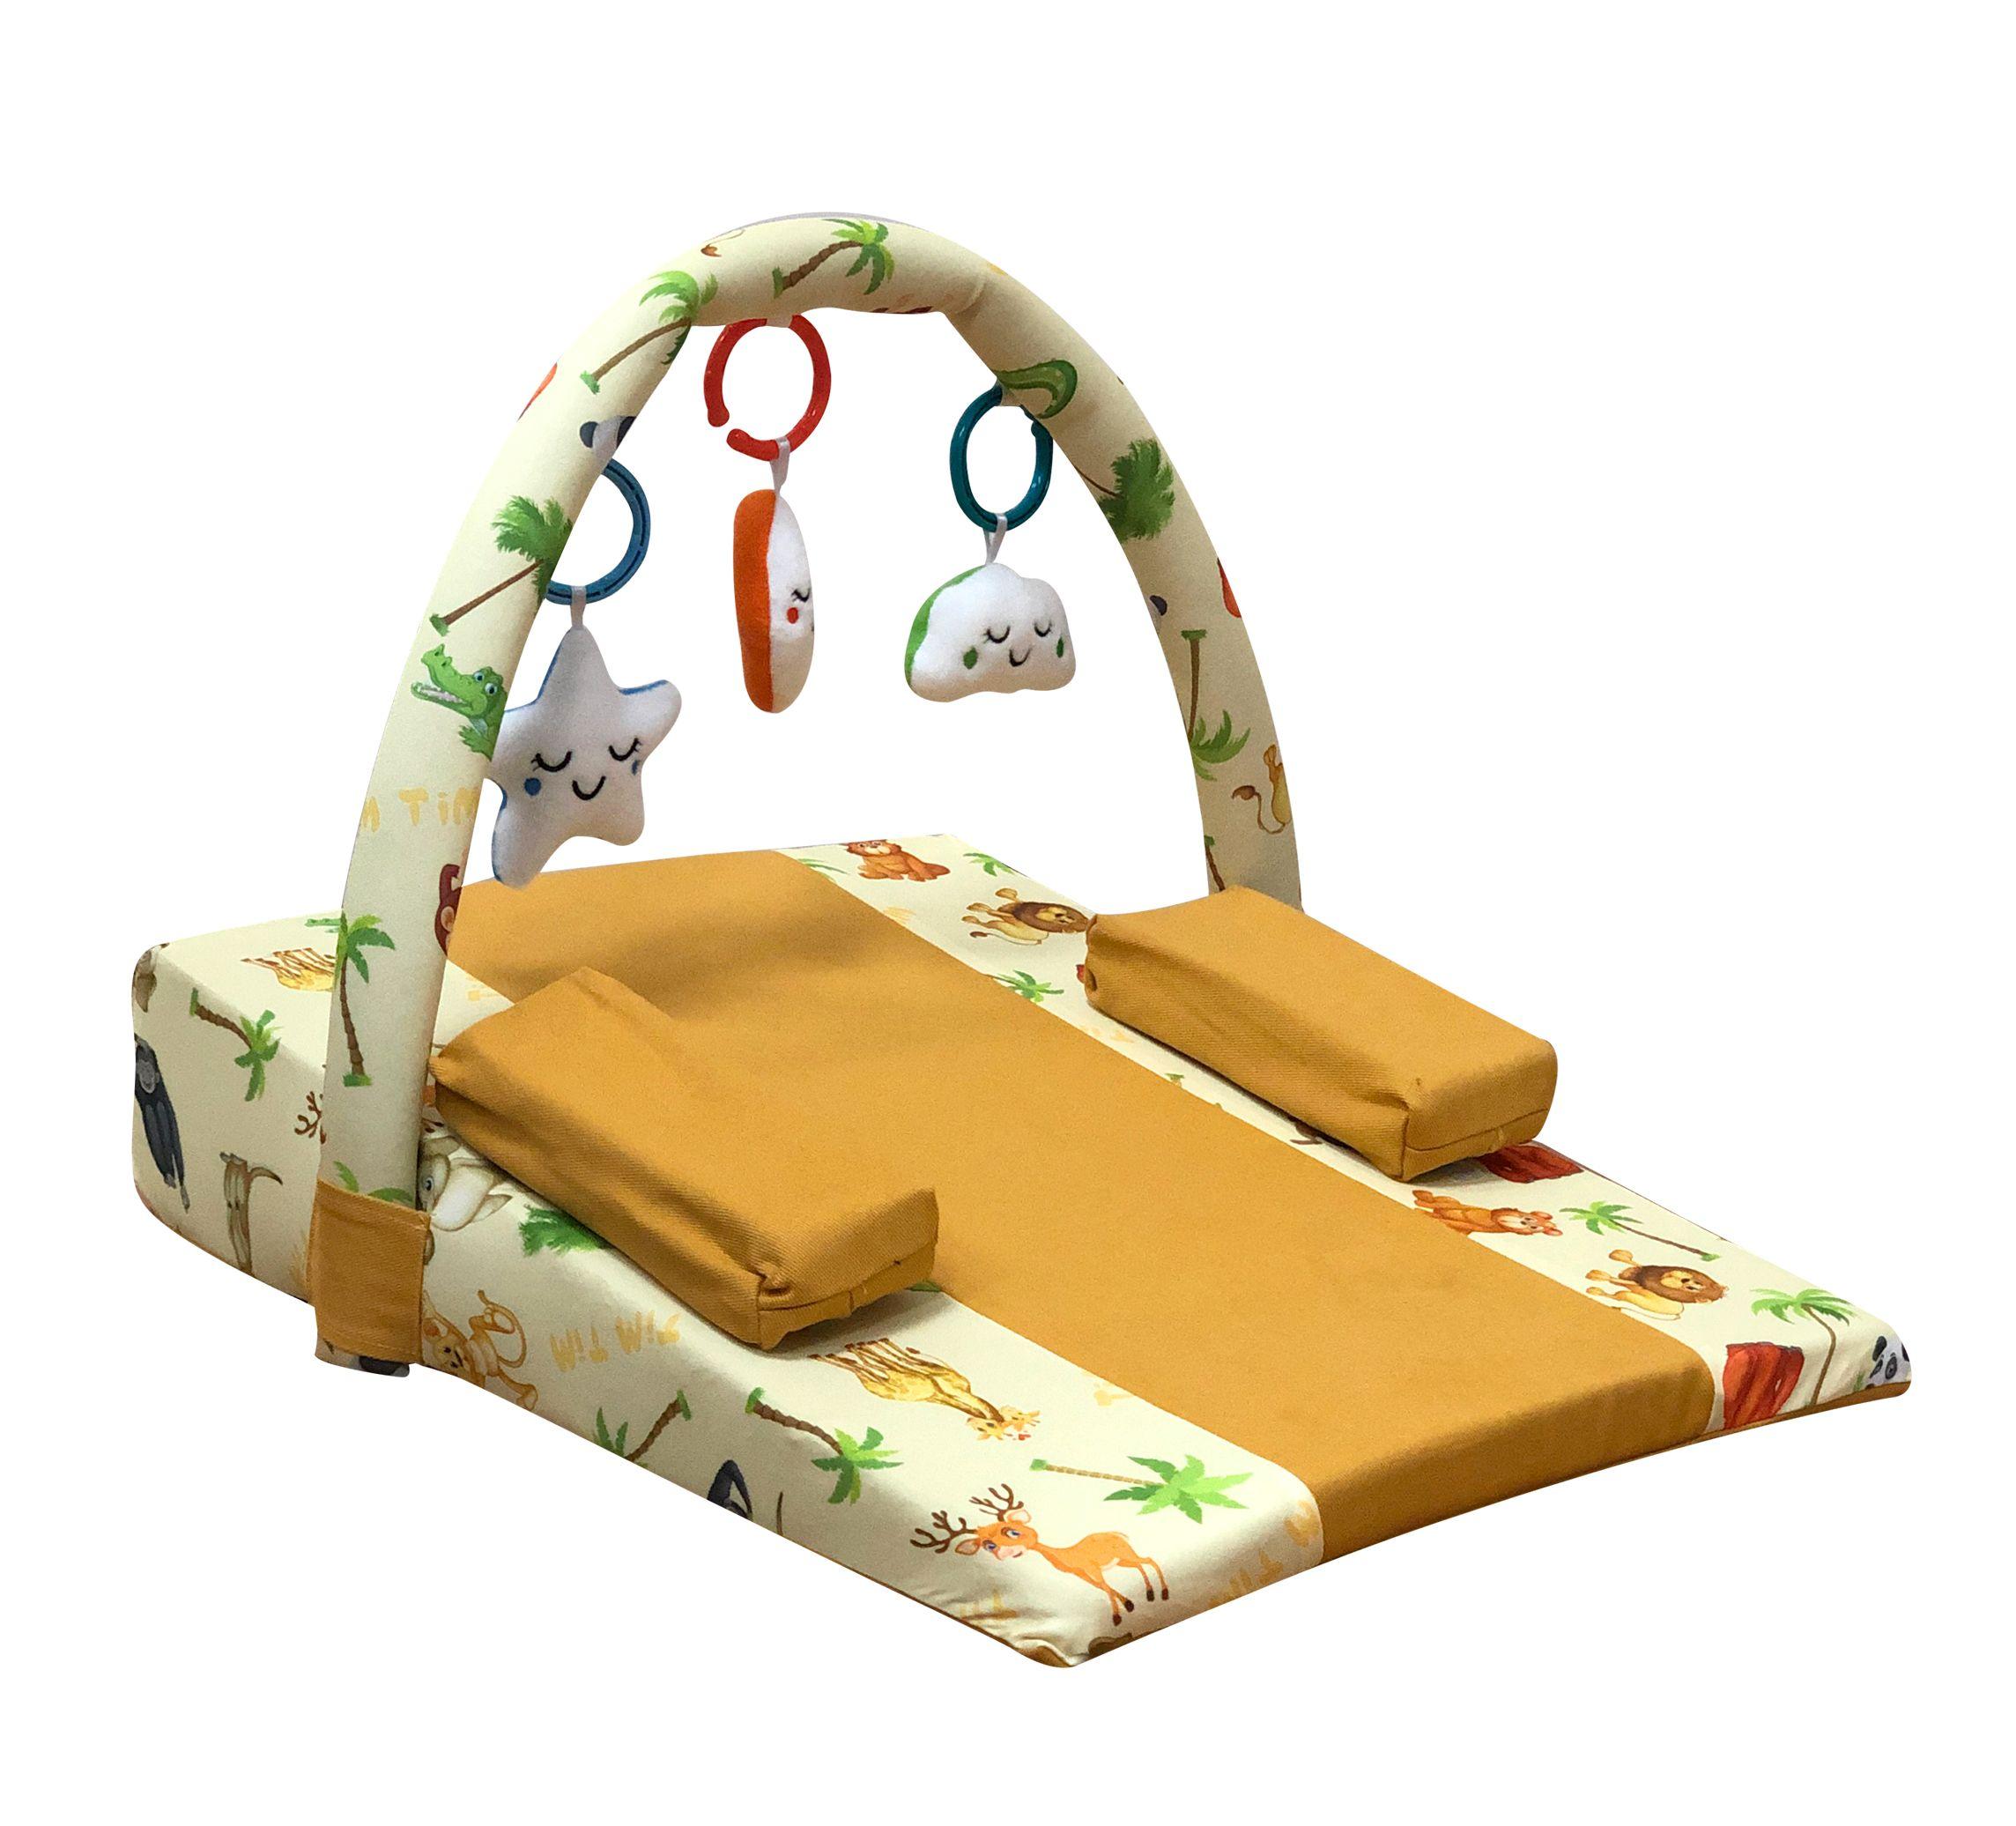 Timtim Oyuncaklı Bebek Reflü Yatağı - Sarı